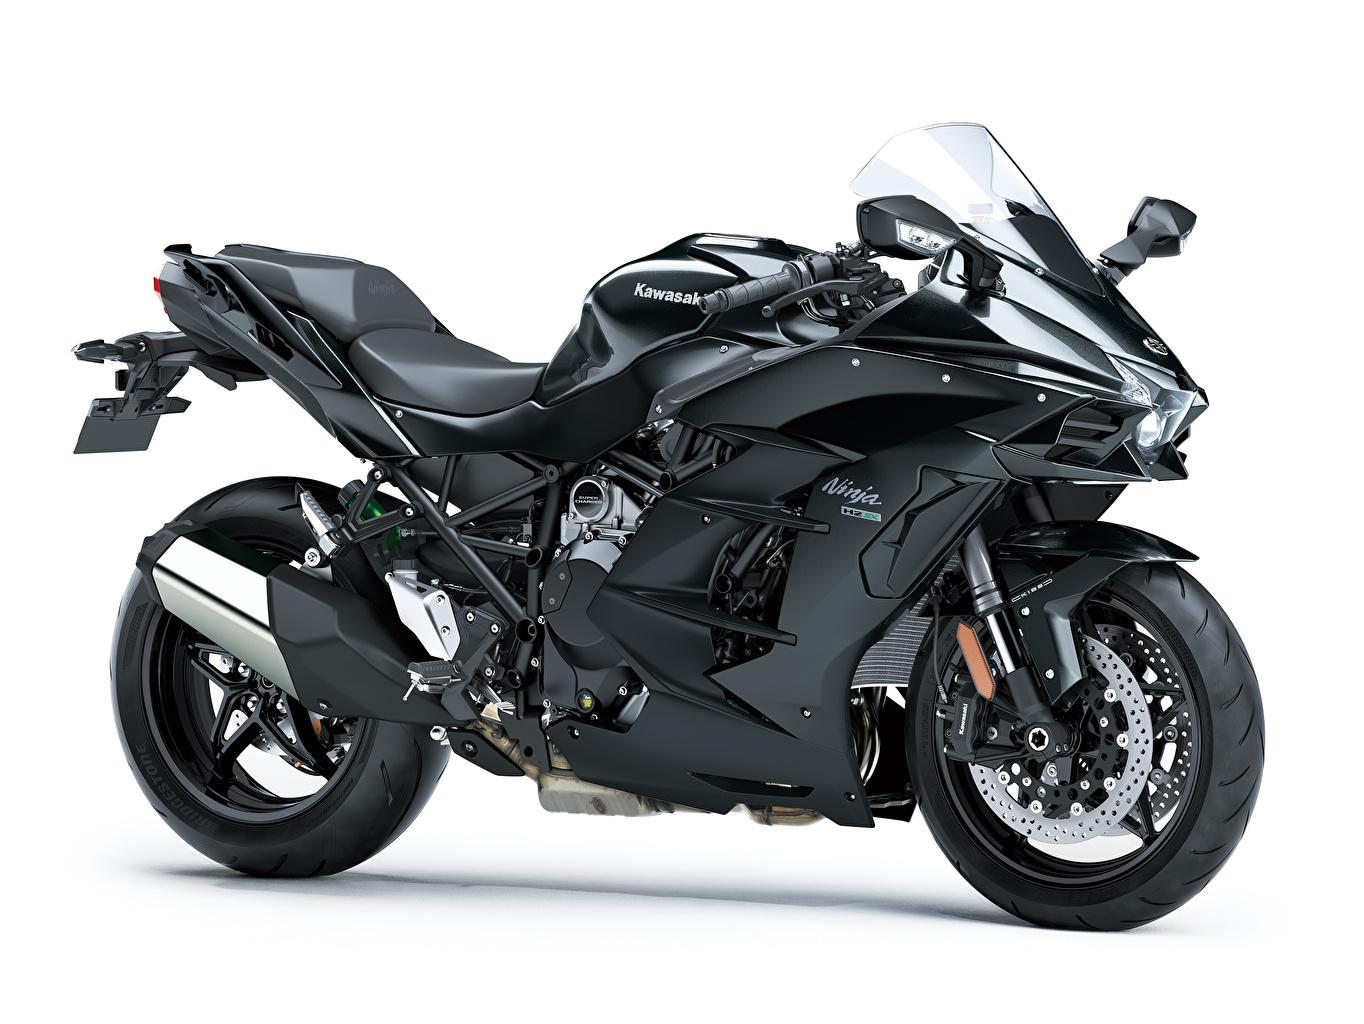 Картинки Kawasaki Ninja H2 SX, 2018 черные мотоцикл Белый фон Кавасаки черная Черный черных Мотоциклы белом фоне белым фоном